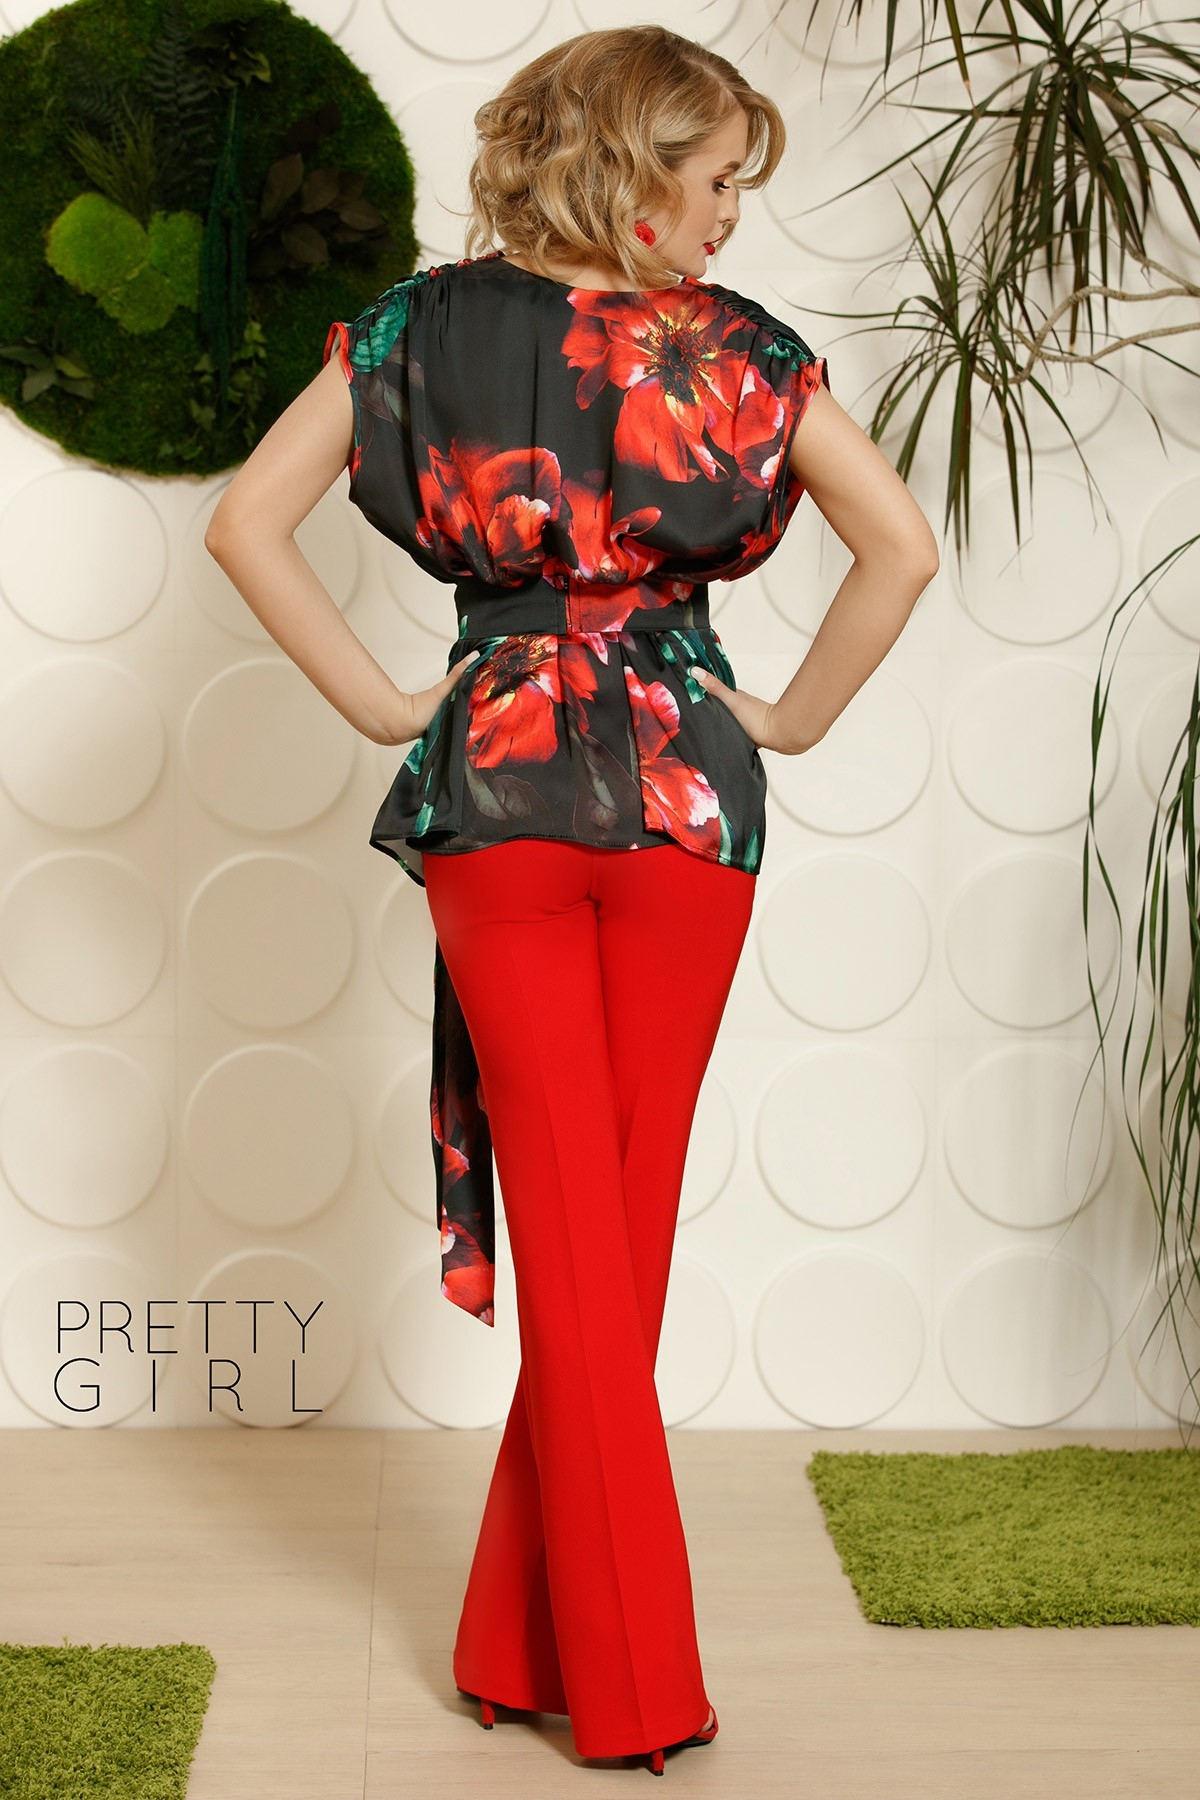 Pantalon dama elegant rosu evazat